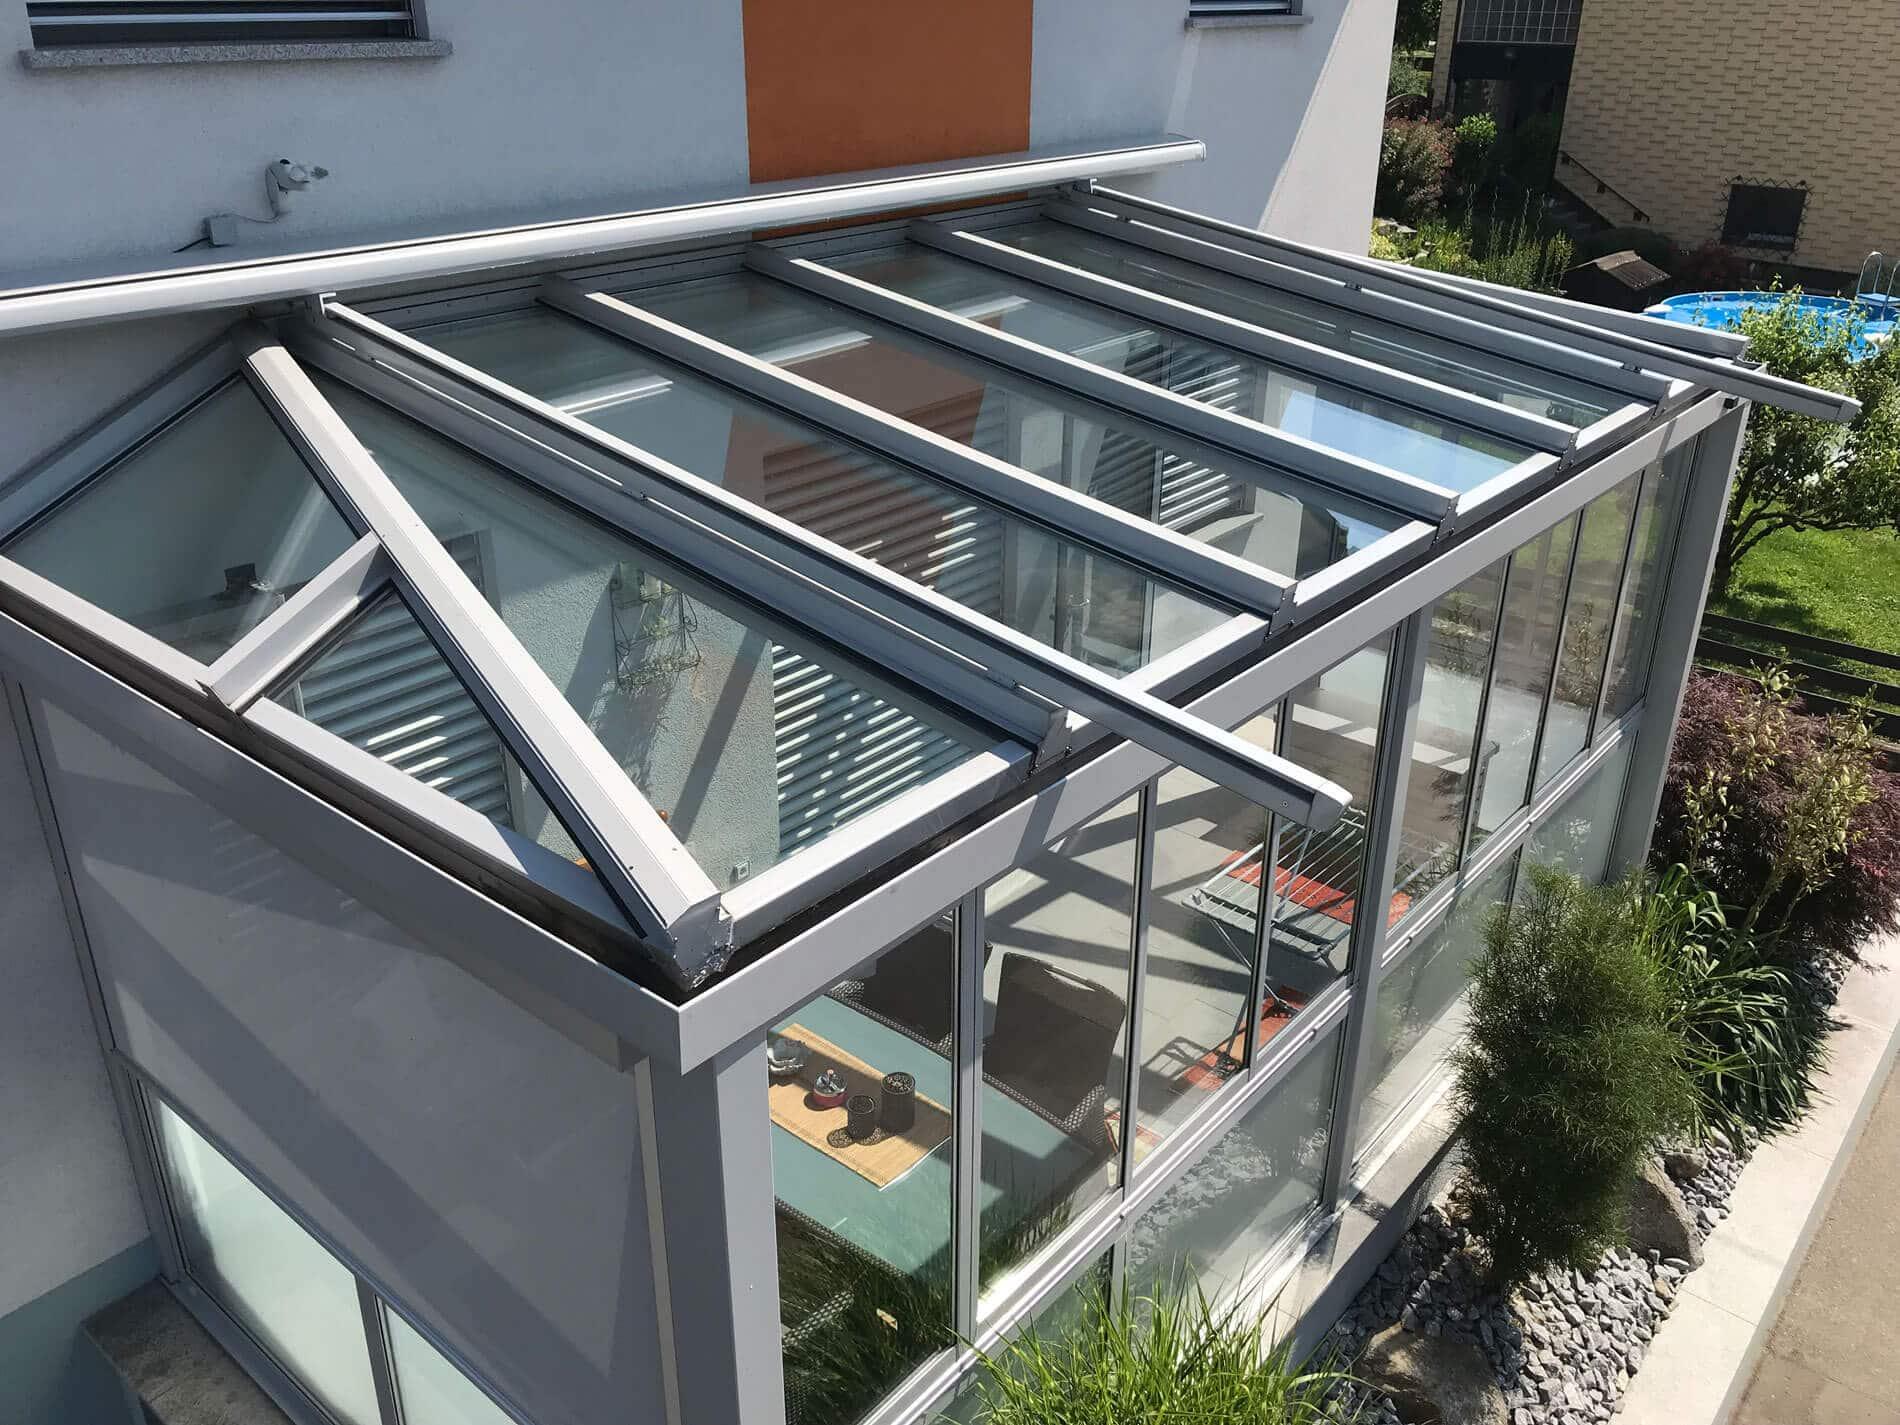 Hochwertiger Wintergarten mit Glasdachmarkise in grau